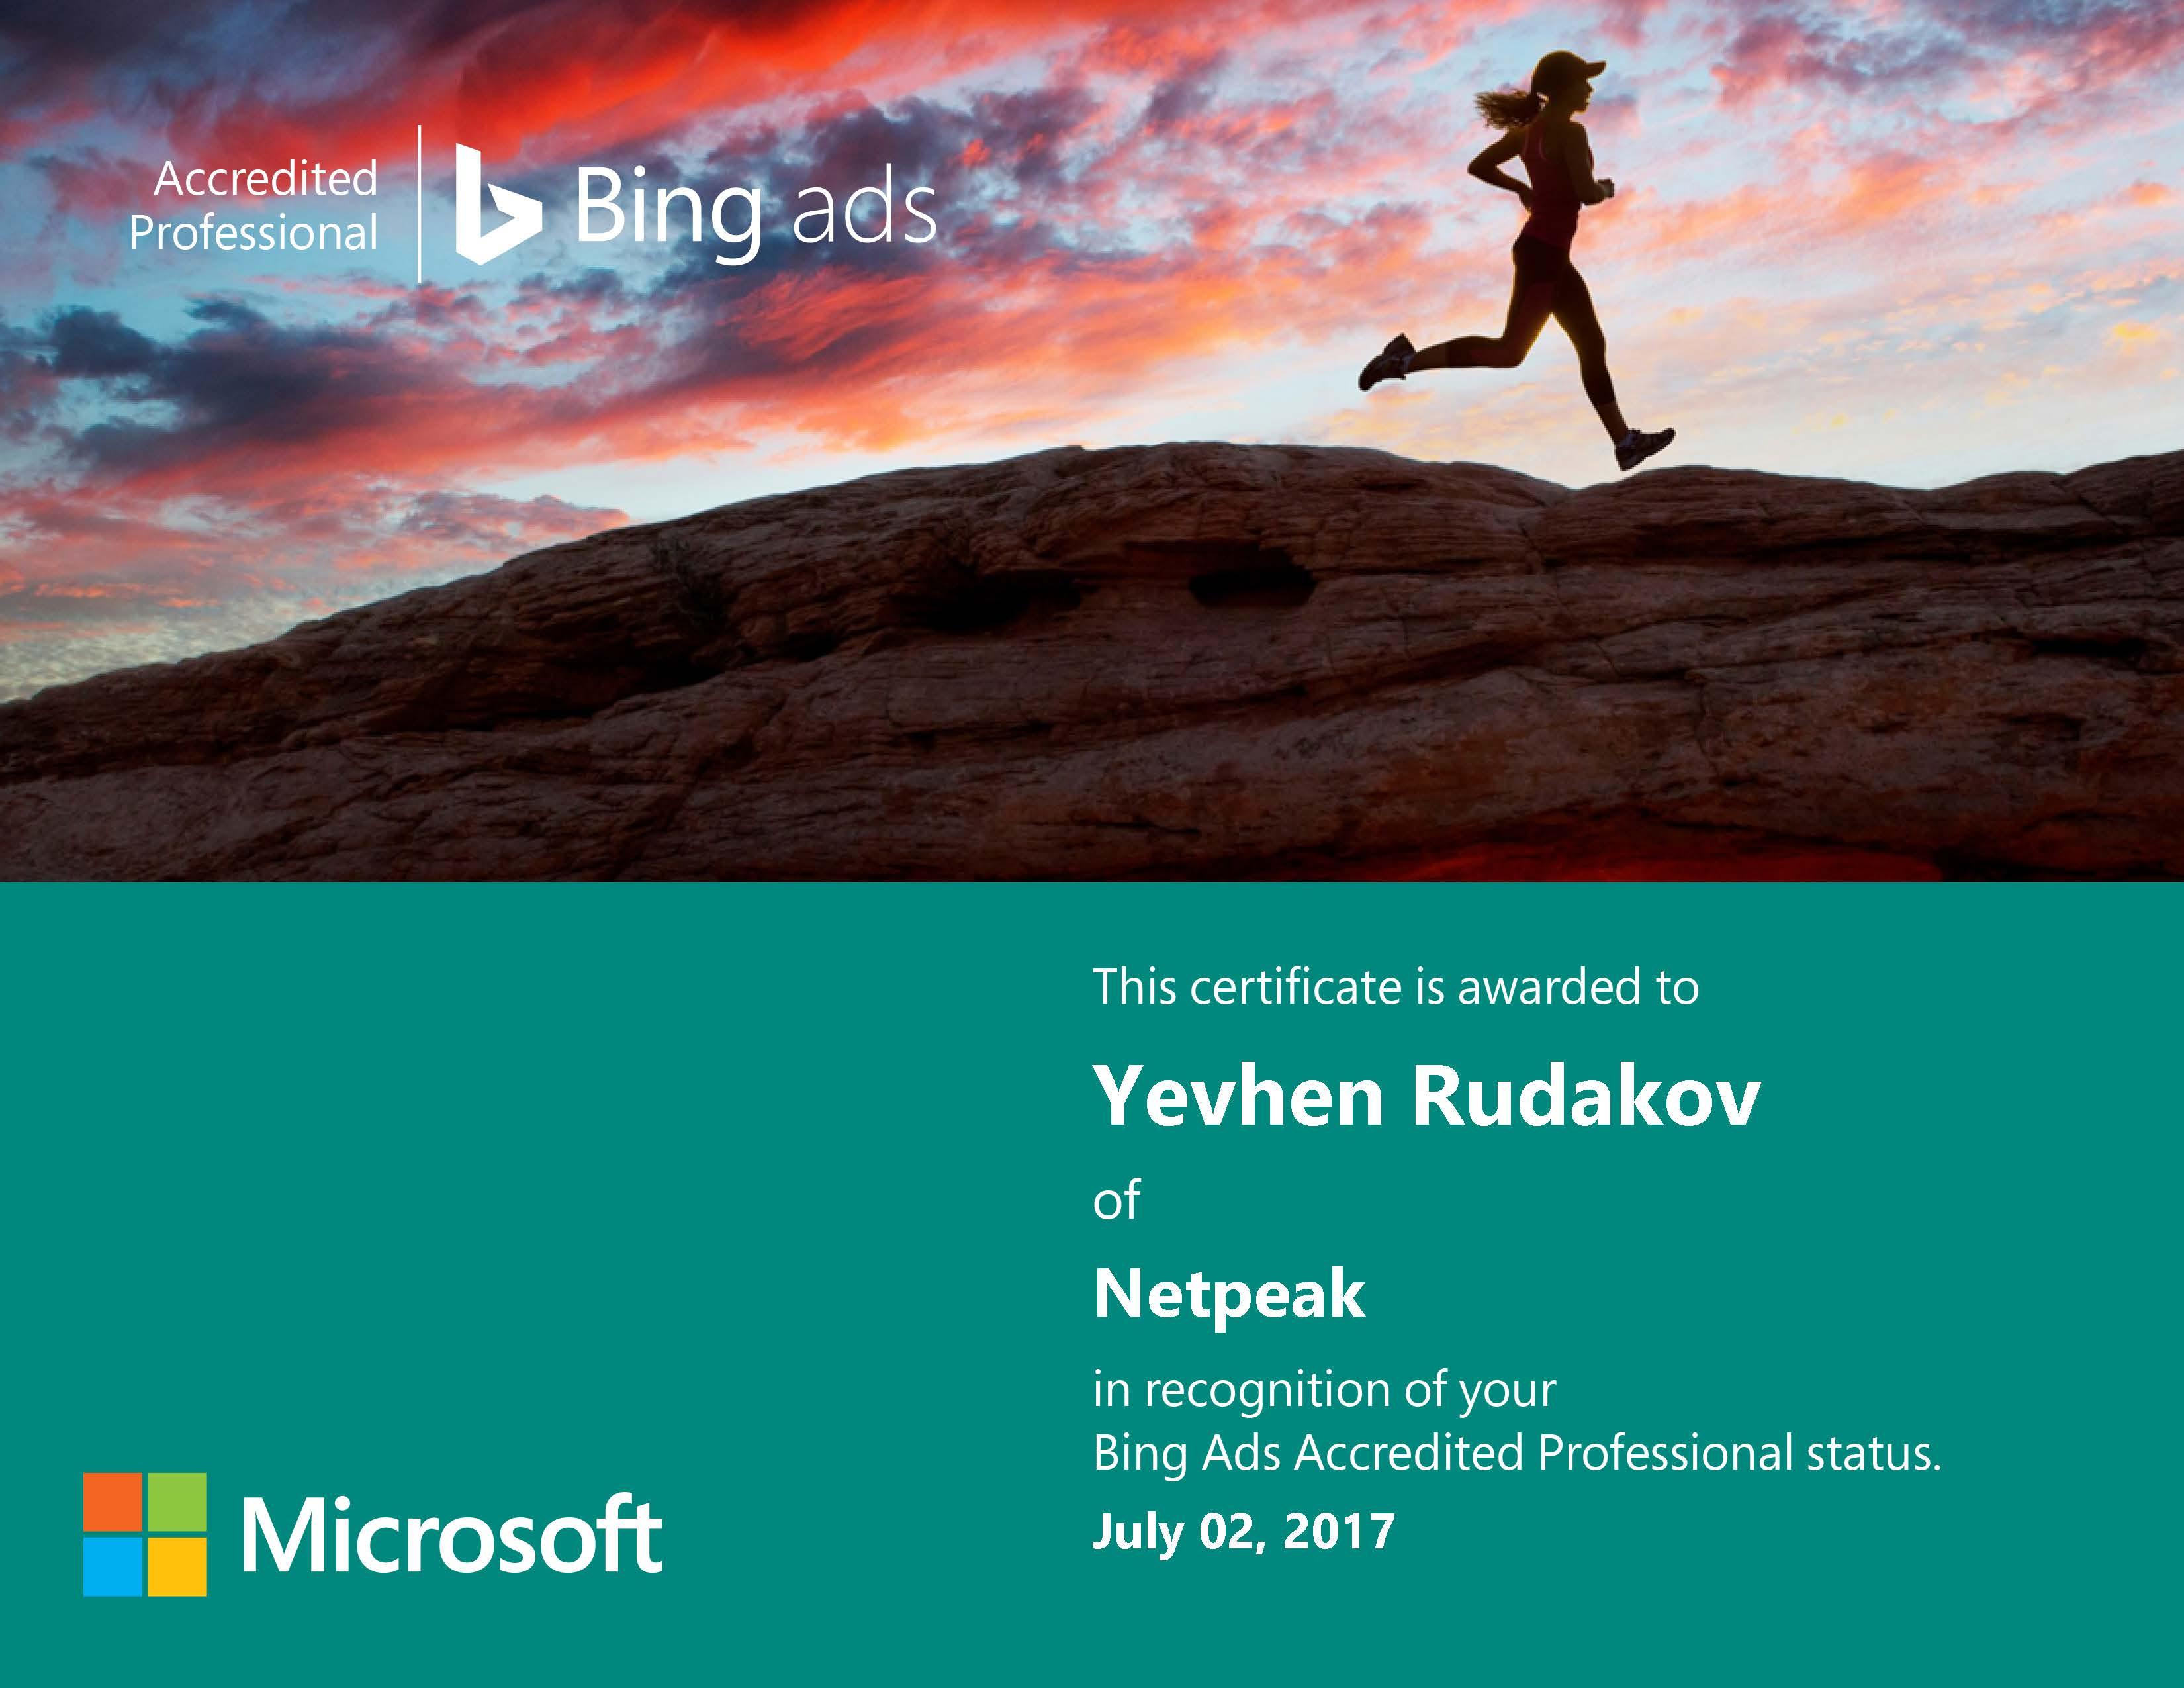 Yevhen Forest – Bing Ads